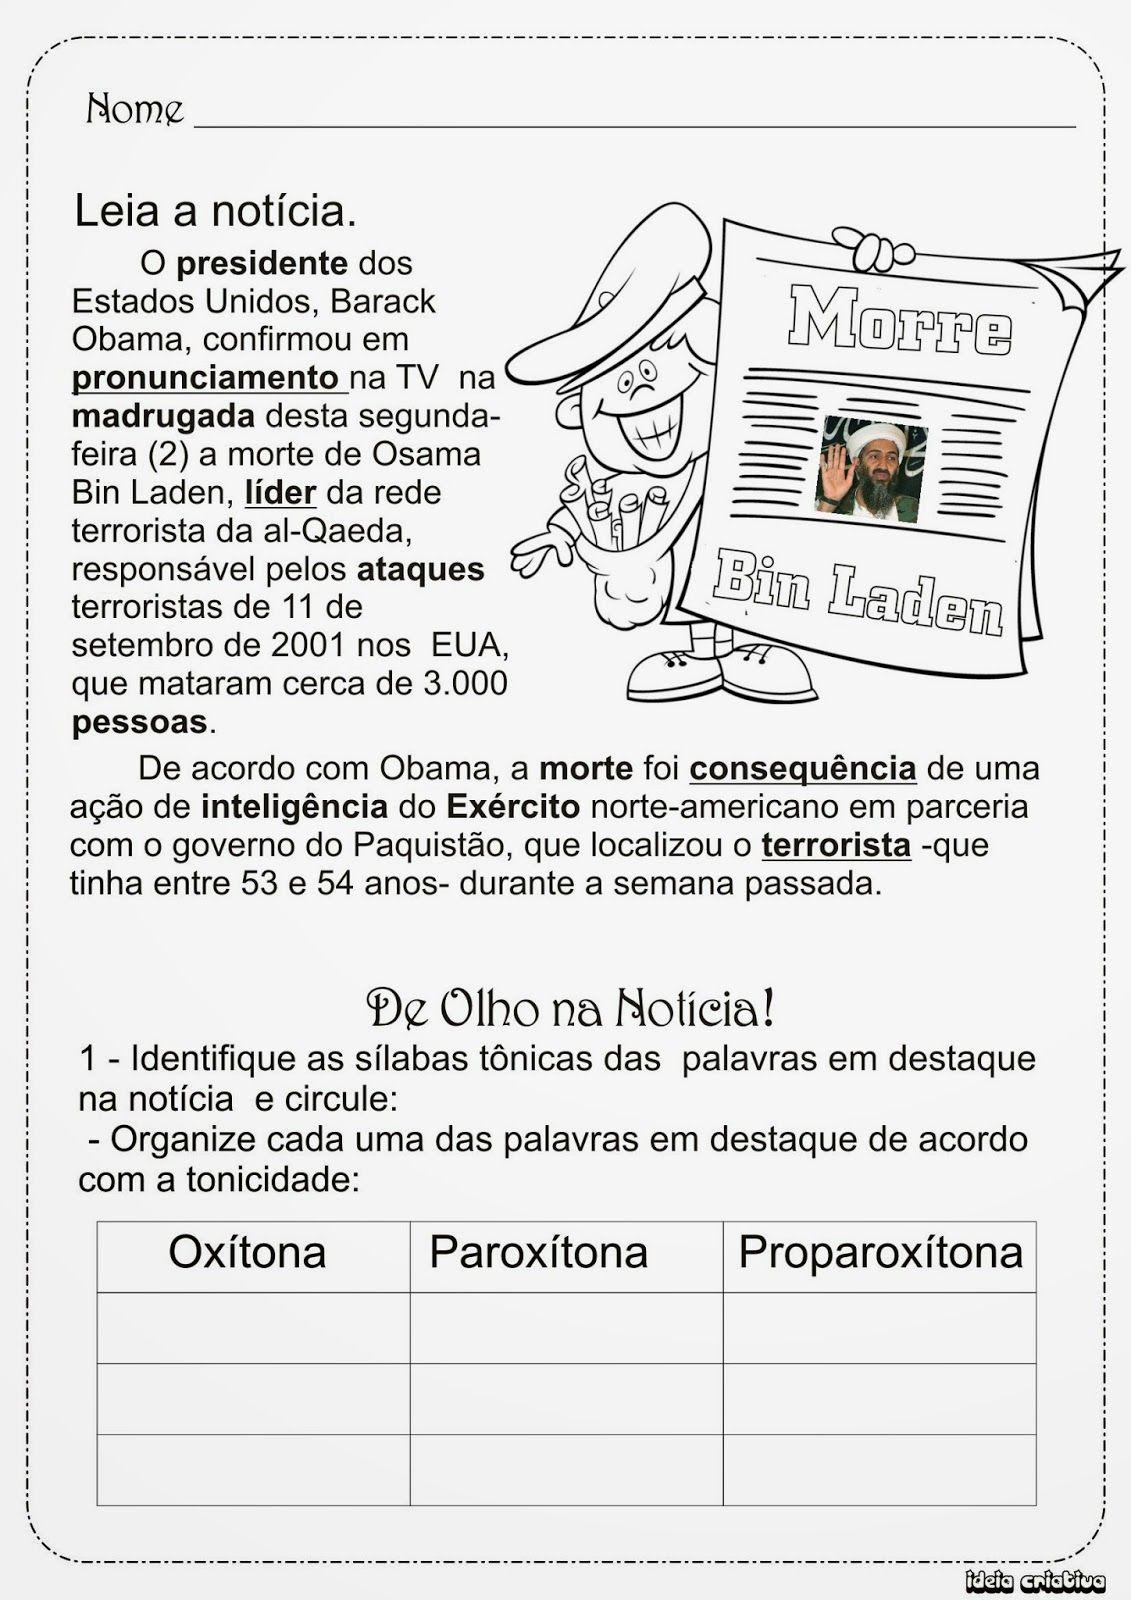 Aula Atividade Silaba Tonica Com Texto Jornal Em 2020 Com Imagens